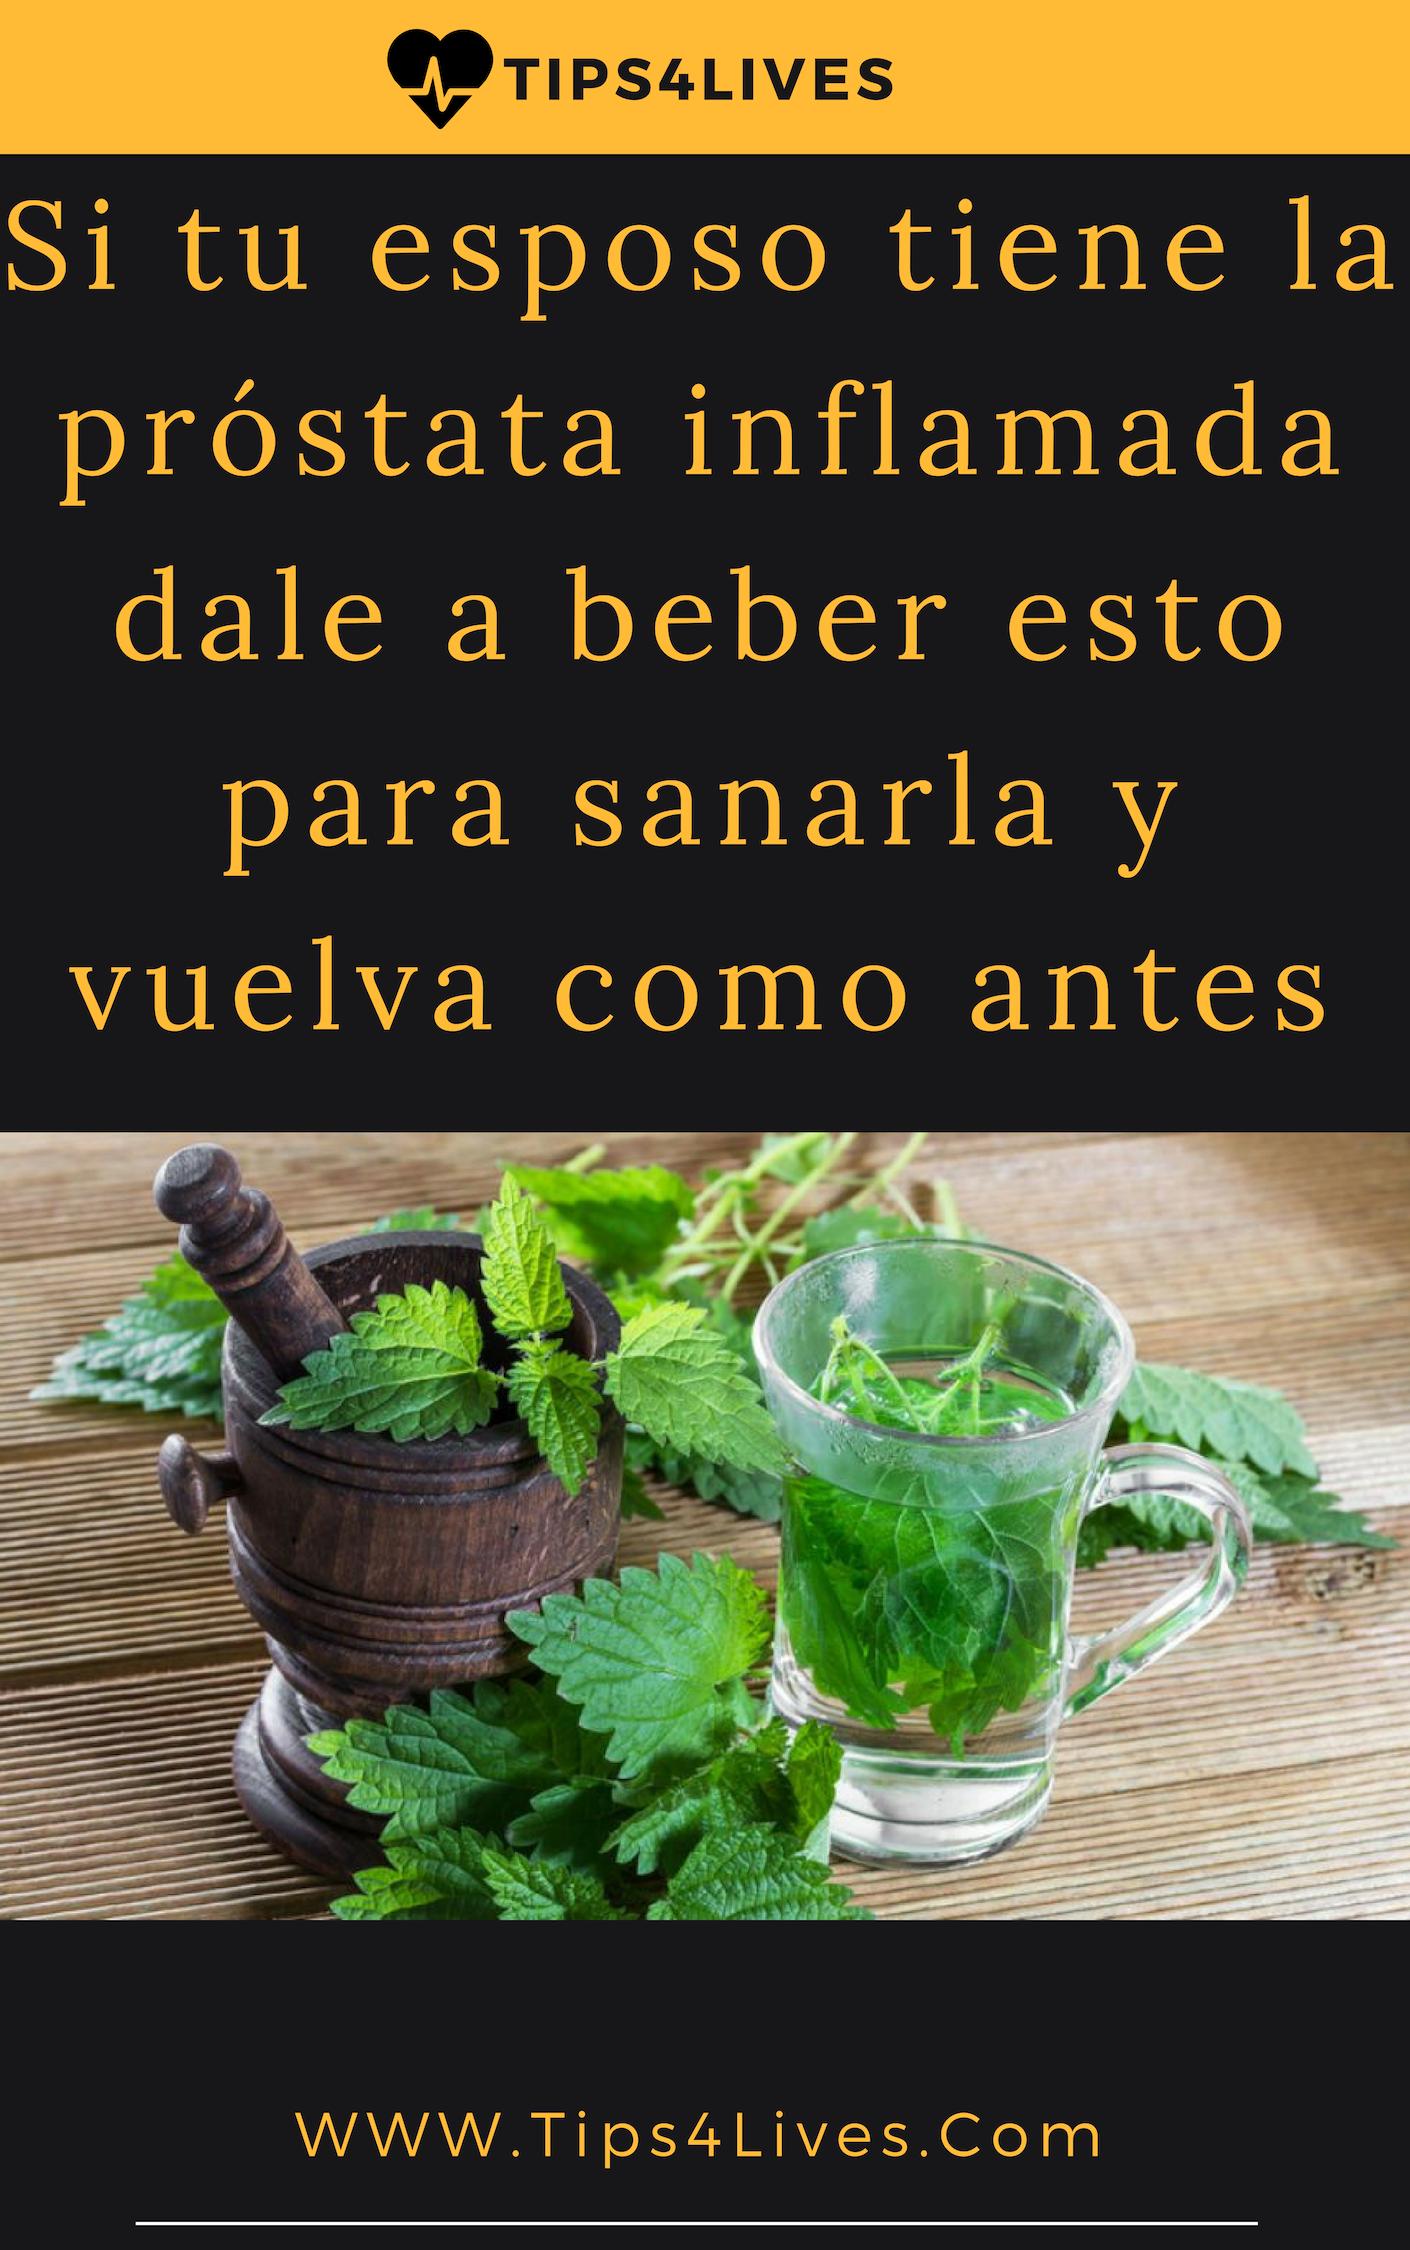 hierbas saludables para la próstata